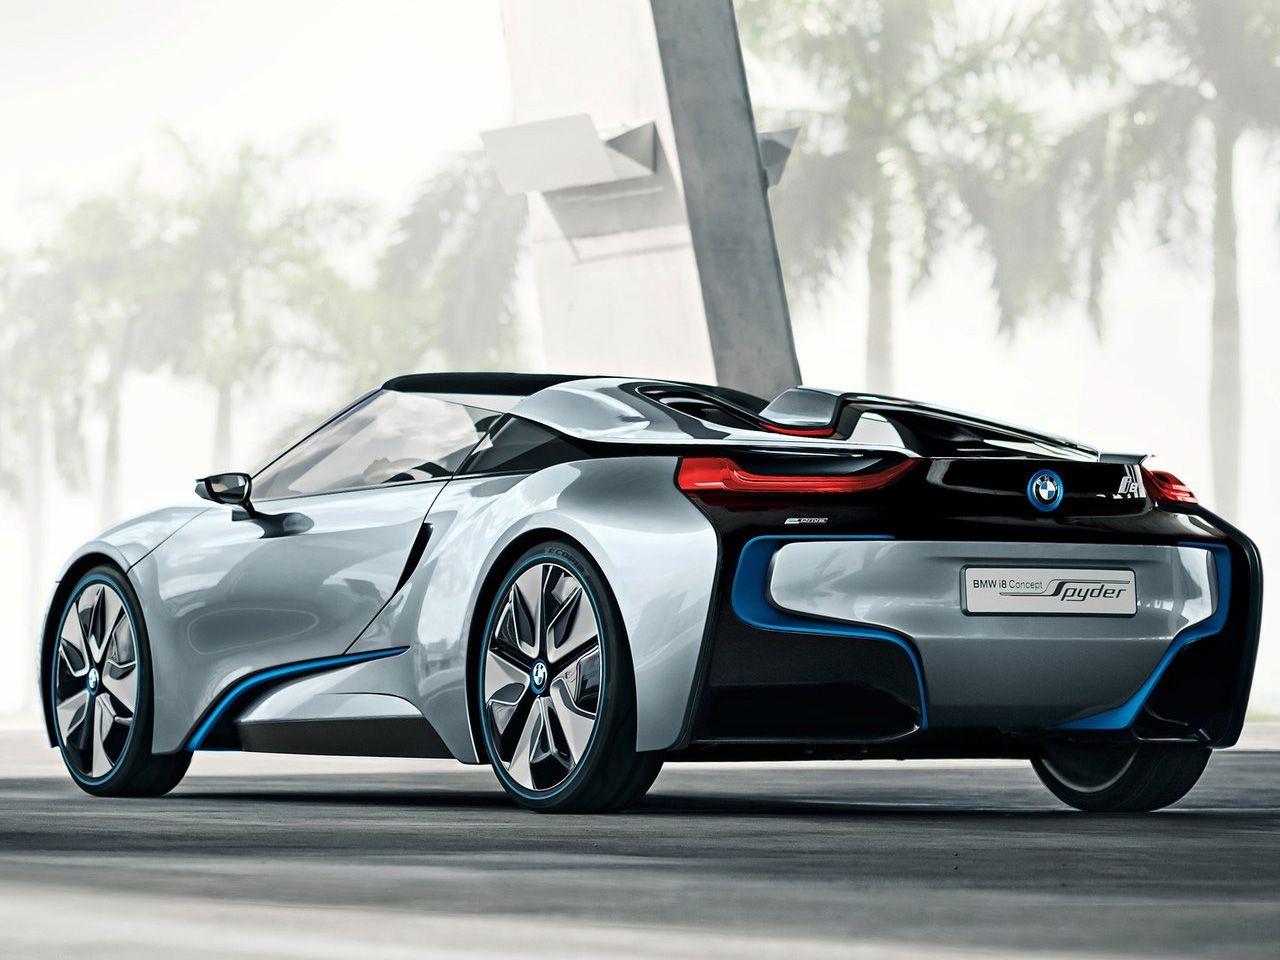 automotive-lust: bmw i8 spyder roadster concept | cars - bmw